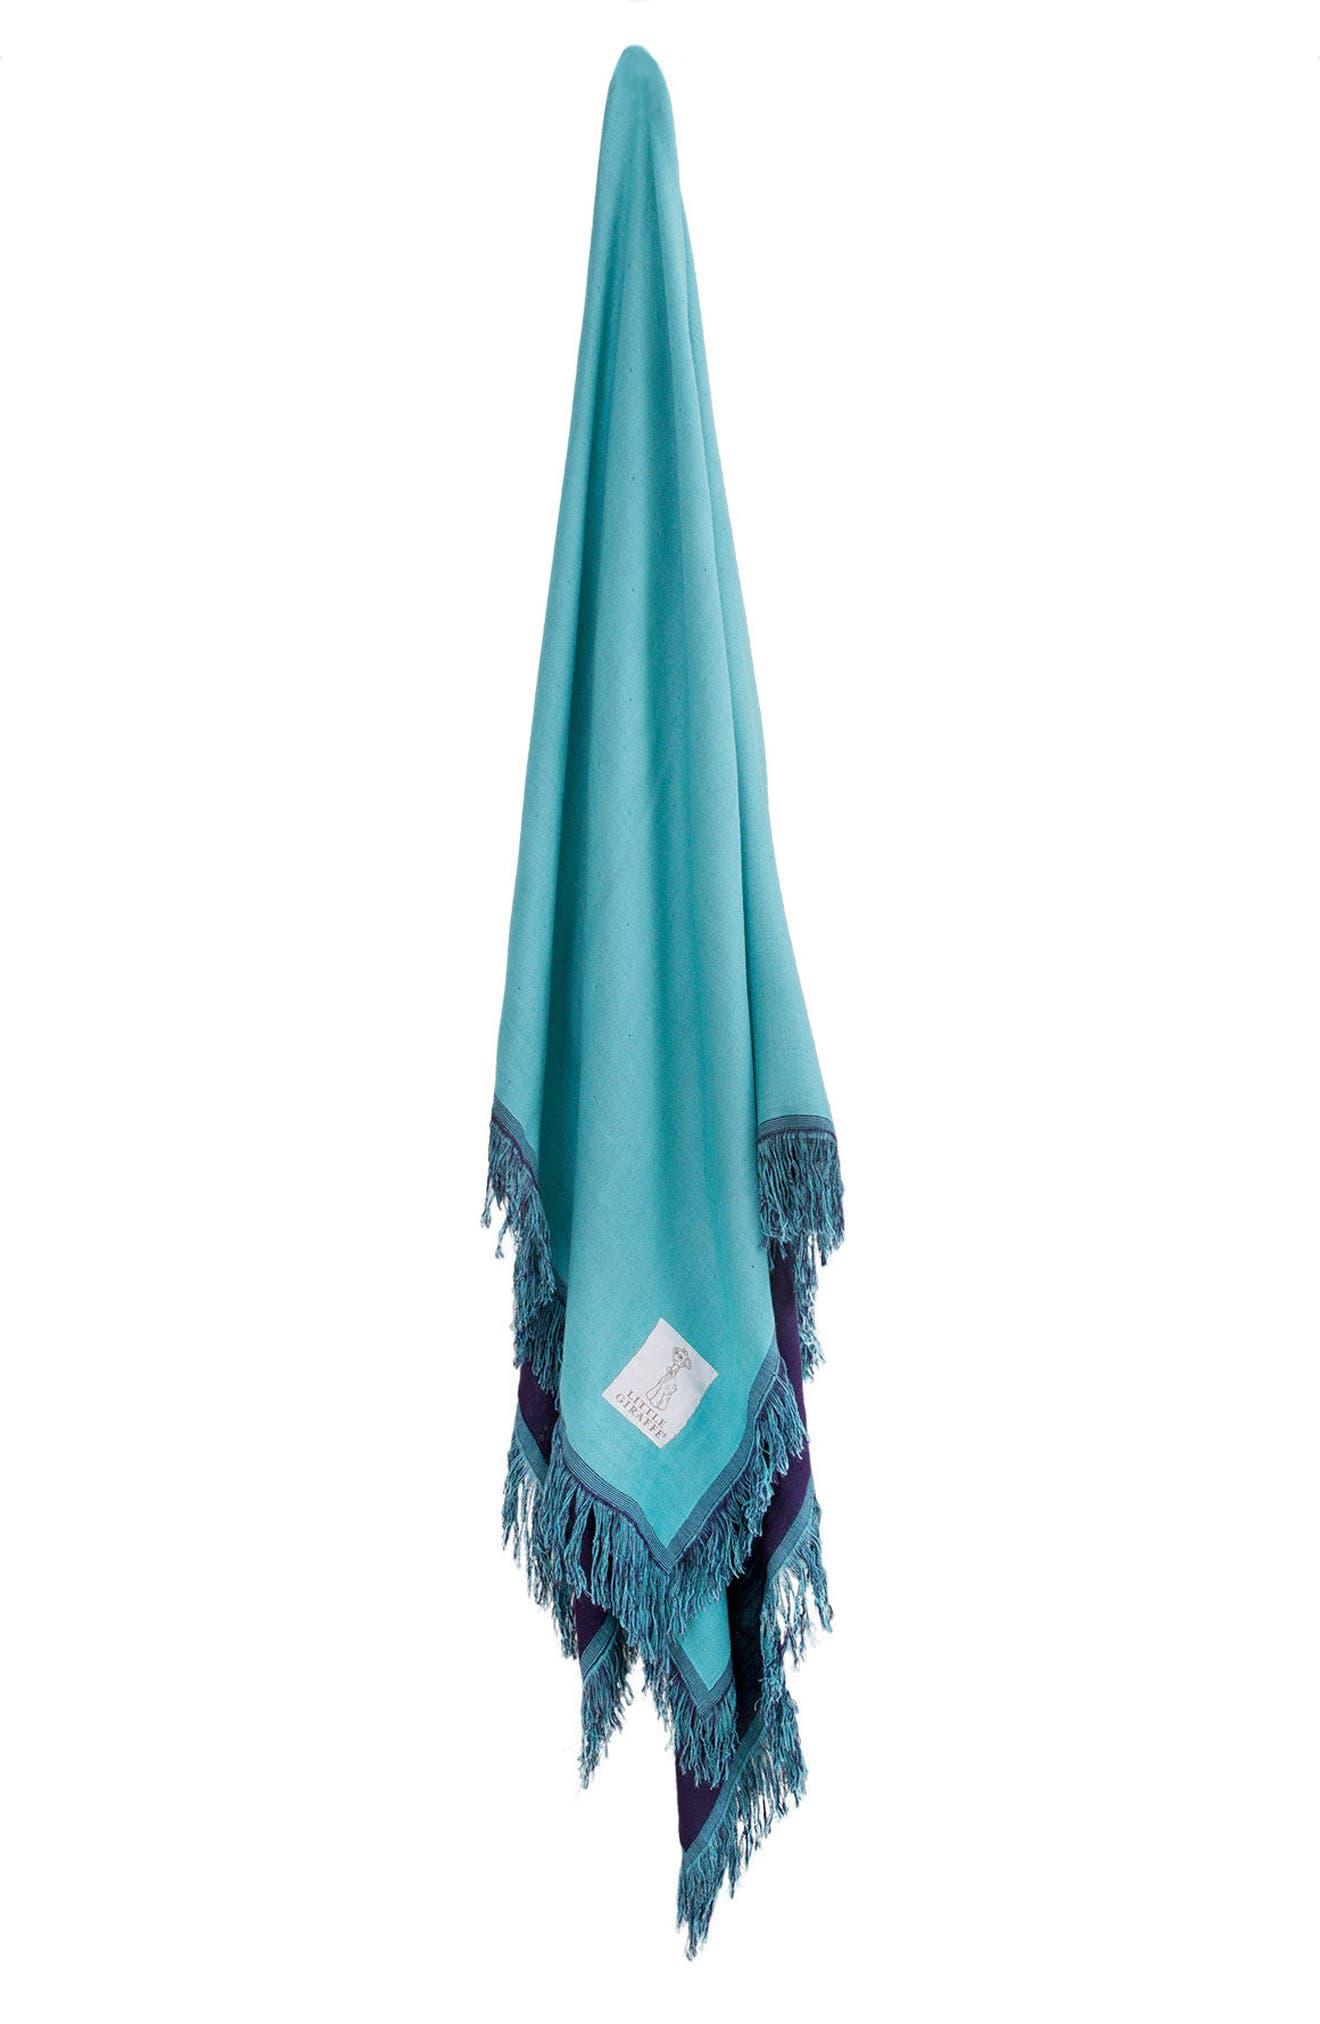 LITTLE GIRAFFE Marrakech Fringe Blanket, Main, color, DENIM/ TEAL